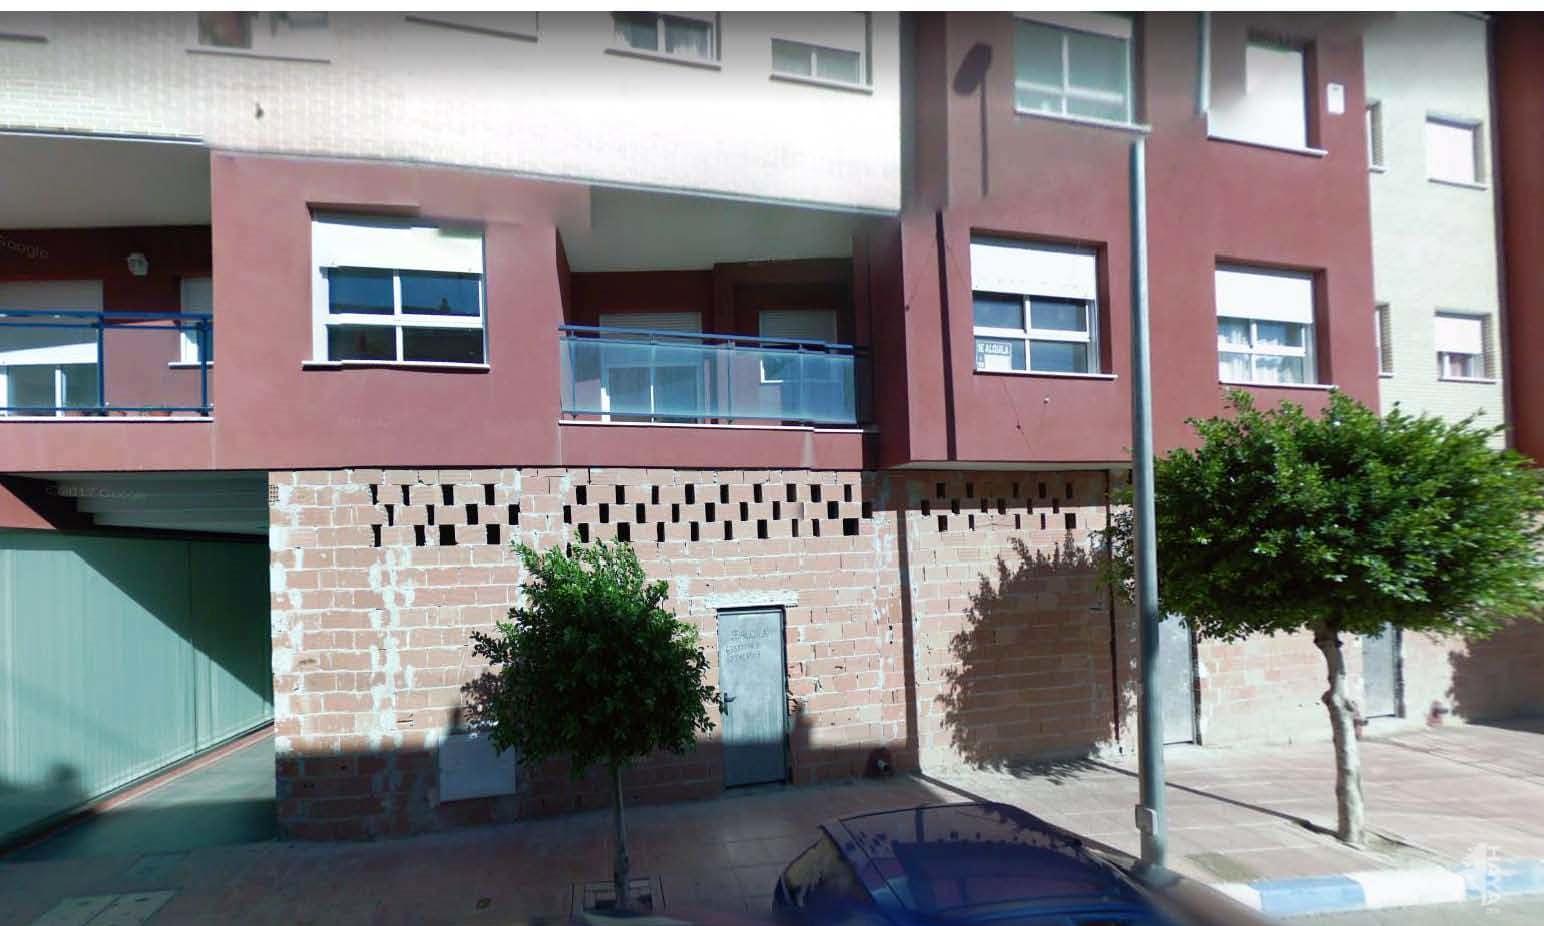 Local en venta en Roldán, Torre-pacheco, Murcia, Avenida Torre Pacheco, 50.681 €, 59 m2